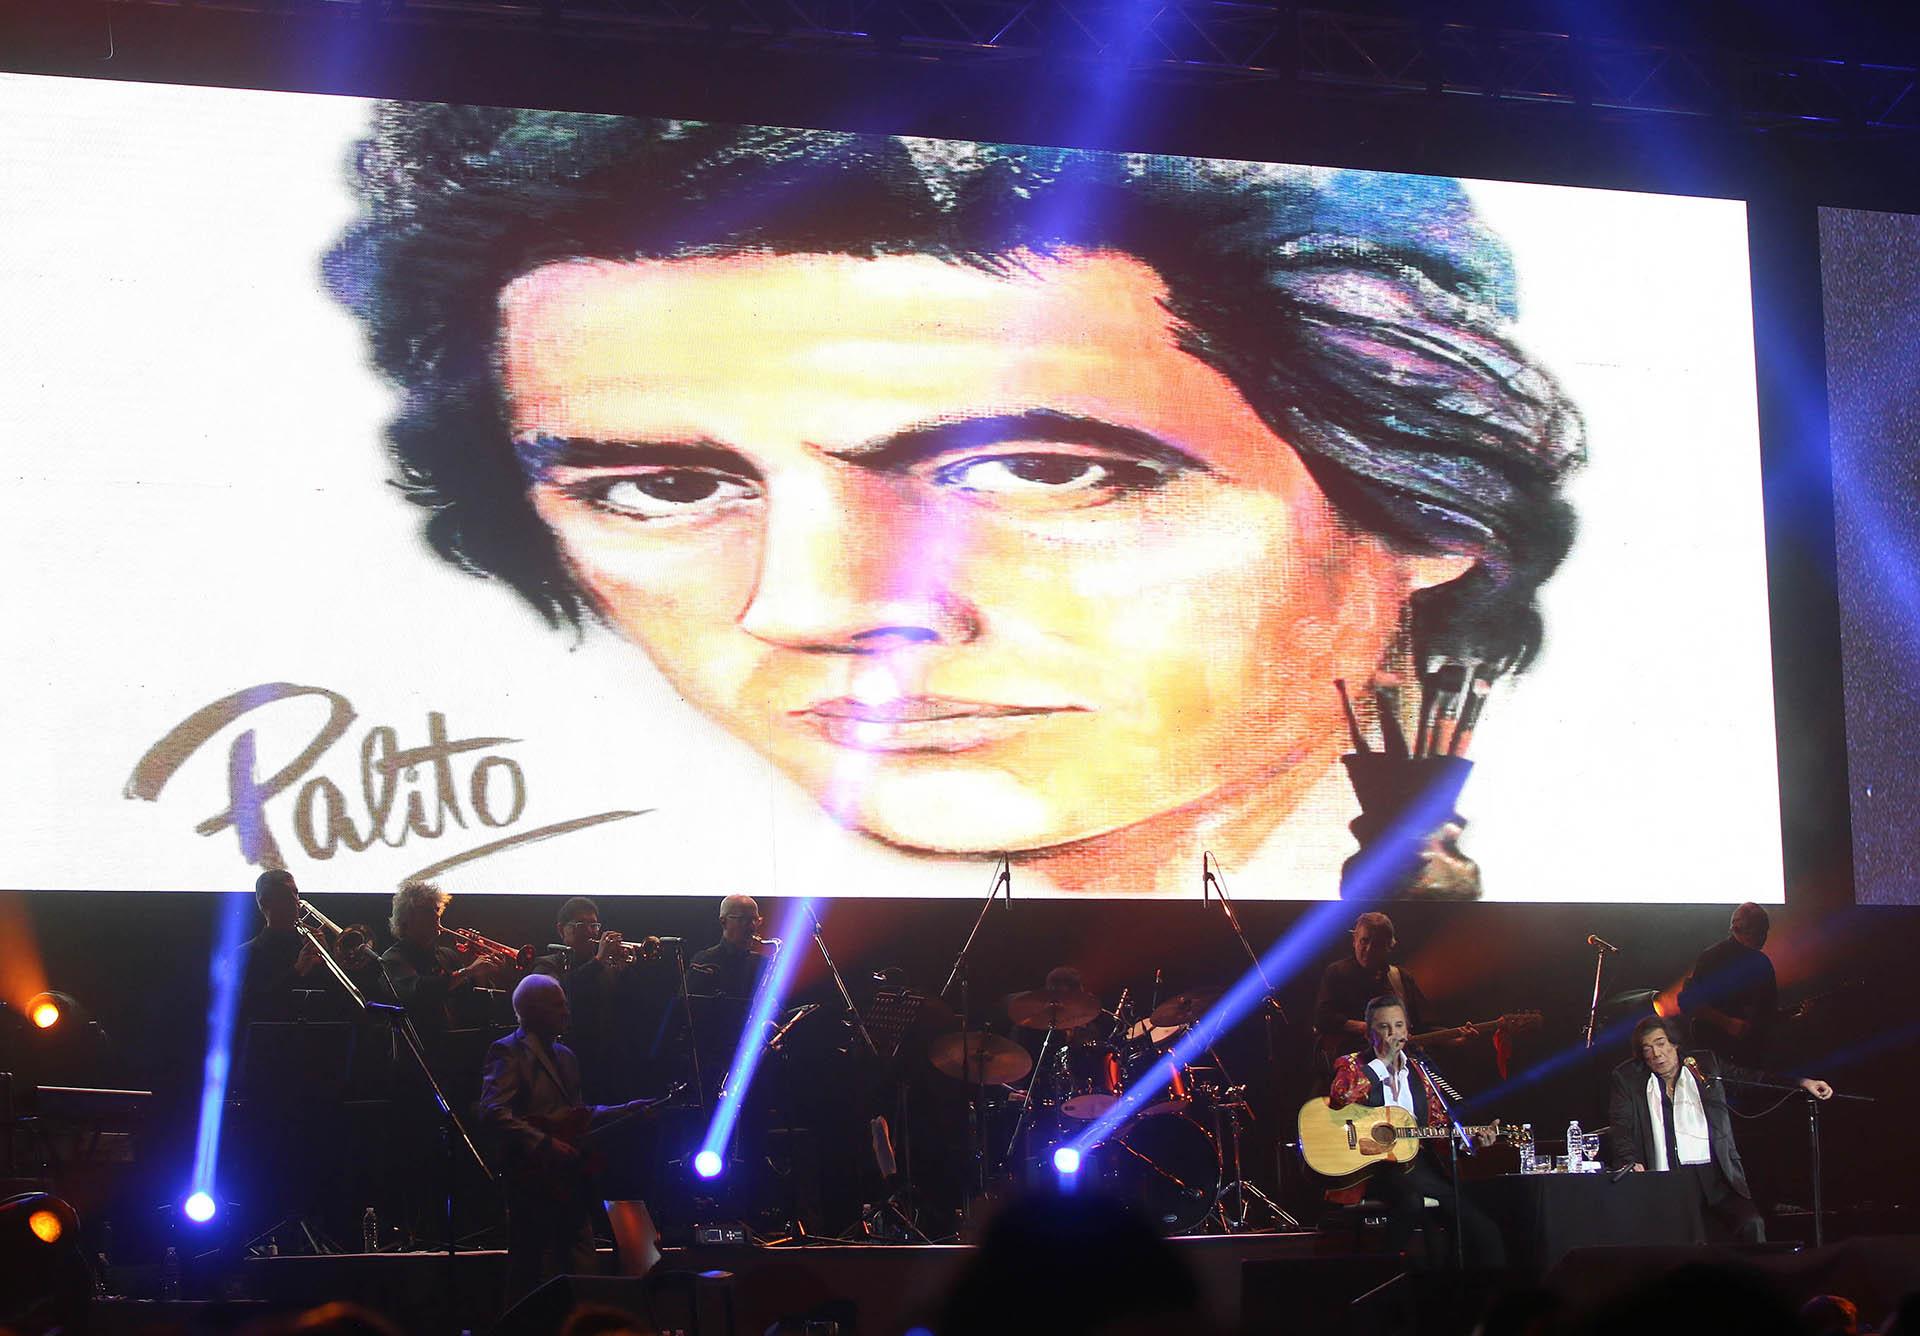 El show, con una impecable puesta en escena, fue producido por Guillermo Marín e Imagen Deportiva